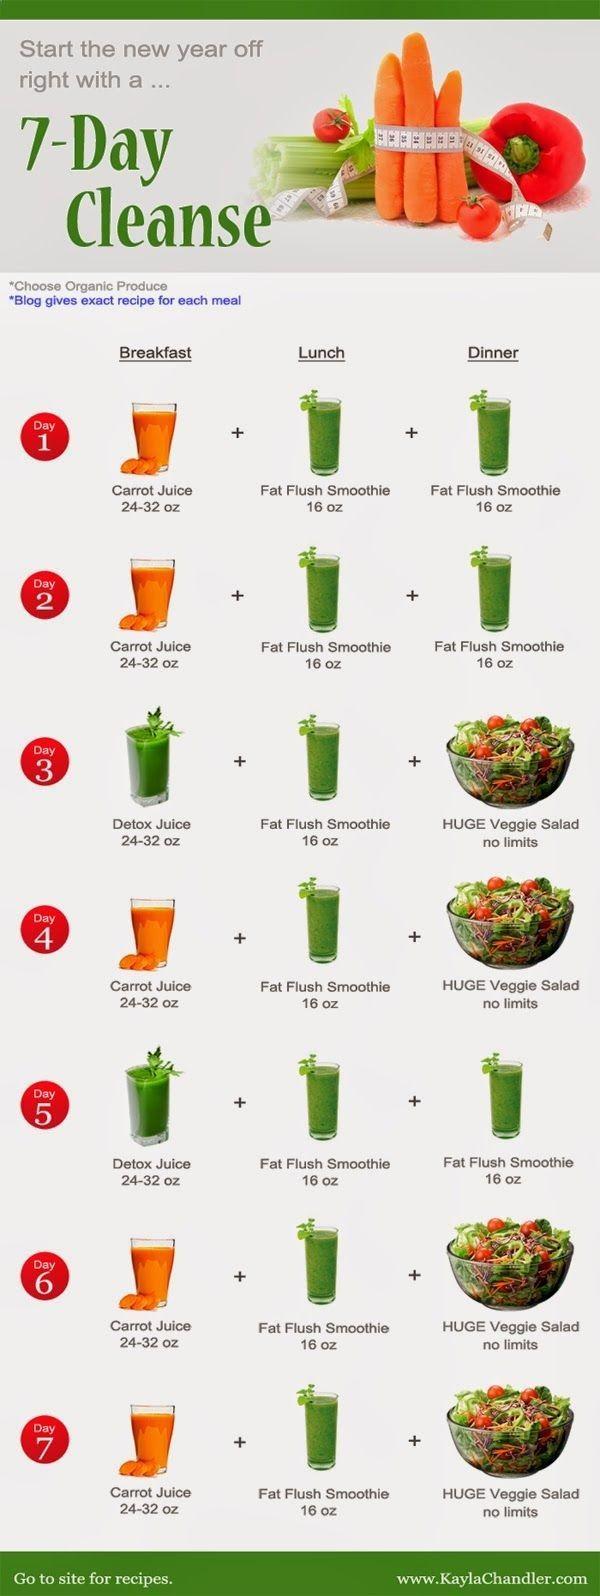 Cost Of Lighterlife Diet Plan